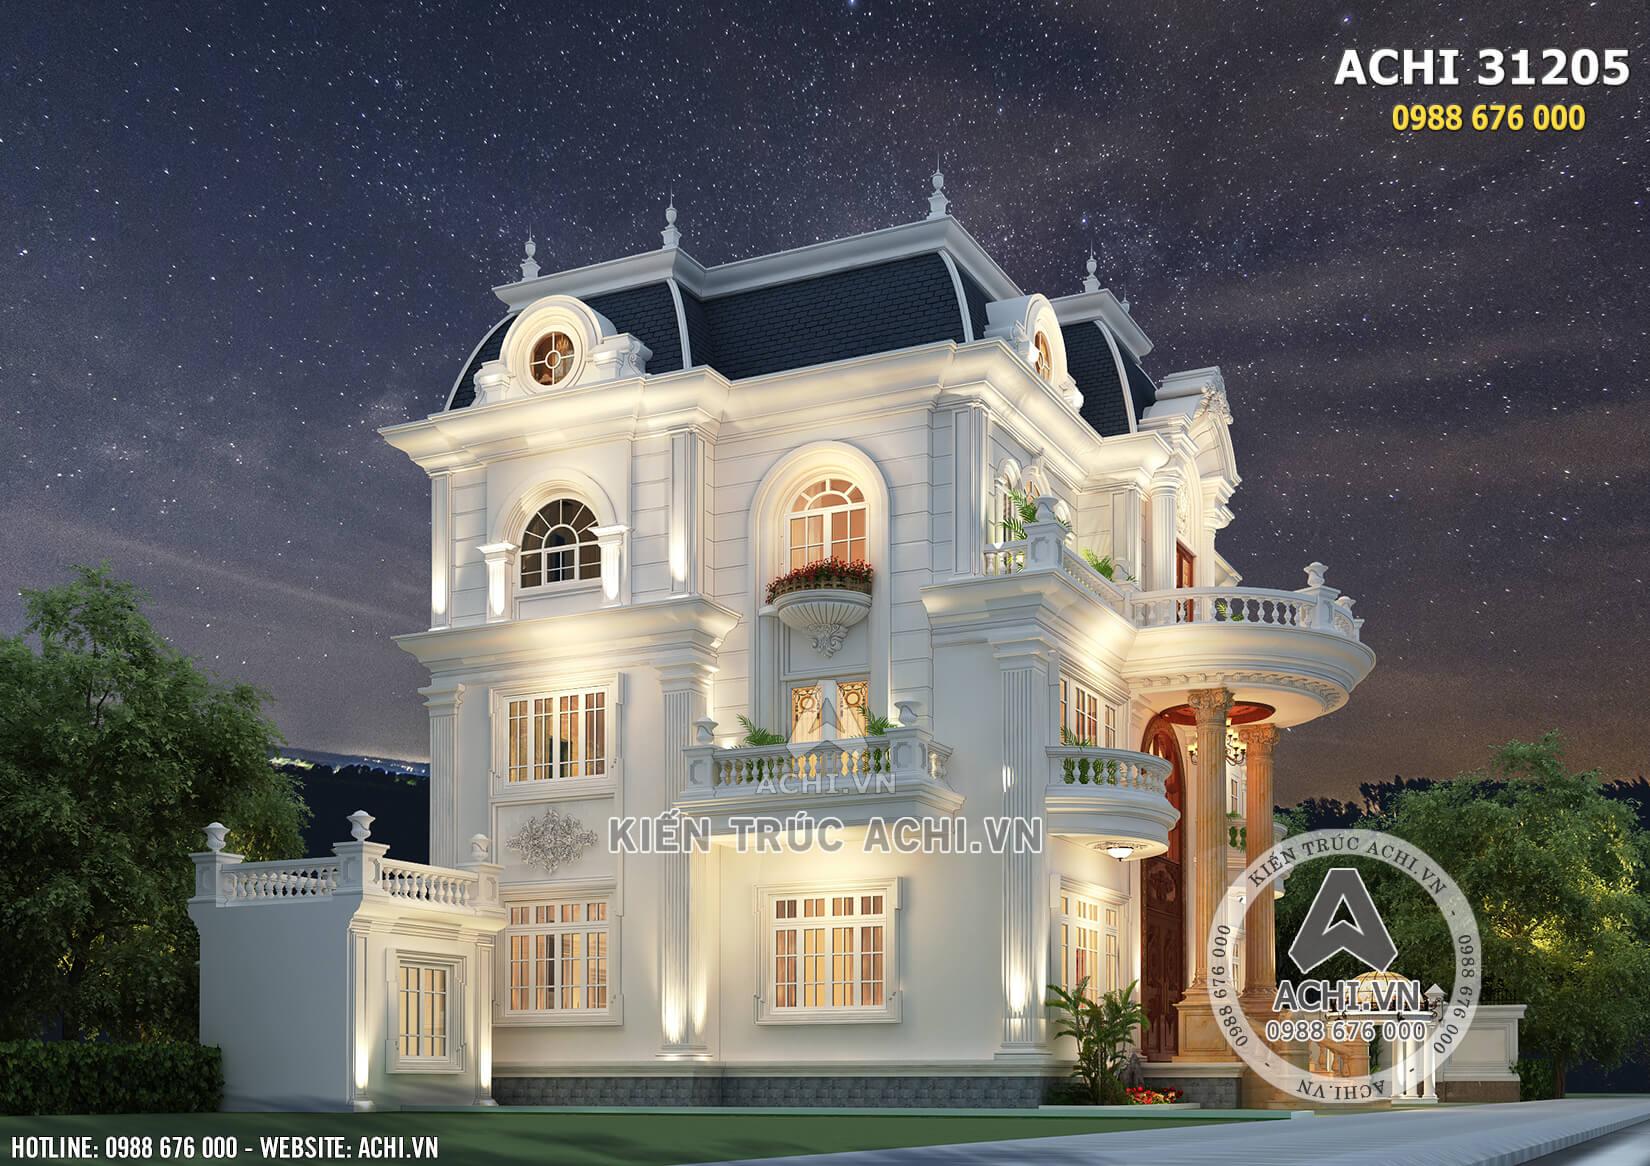 Tone màu trắng giúp ngôi nhà như bừng sáng, thu hút mọi ánh nhìn